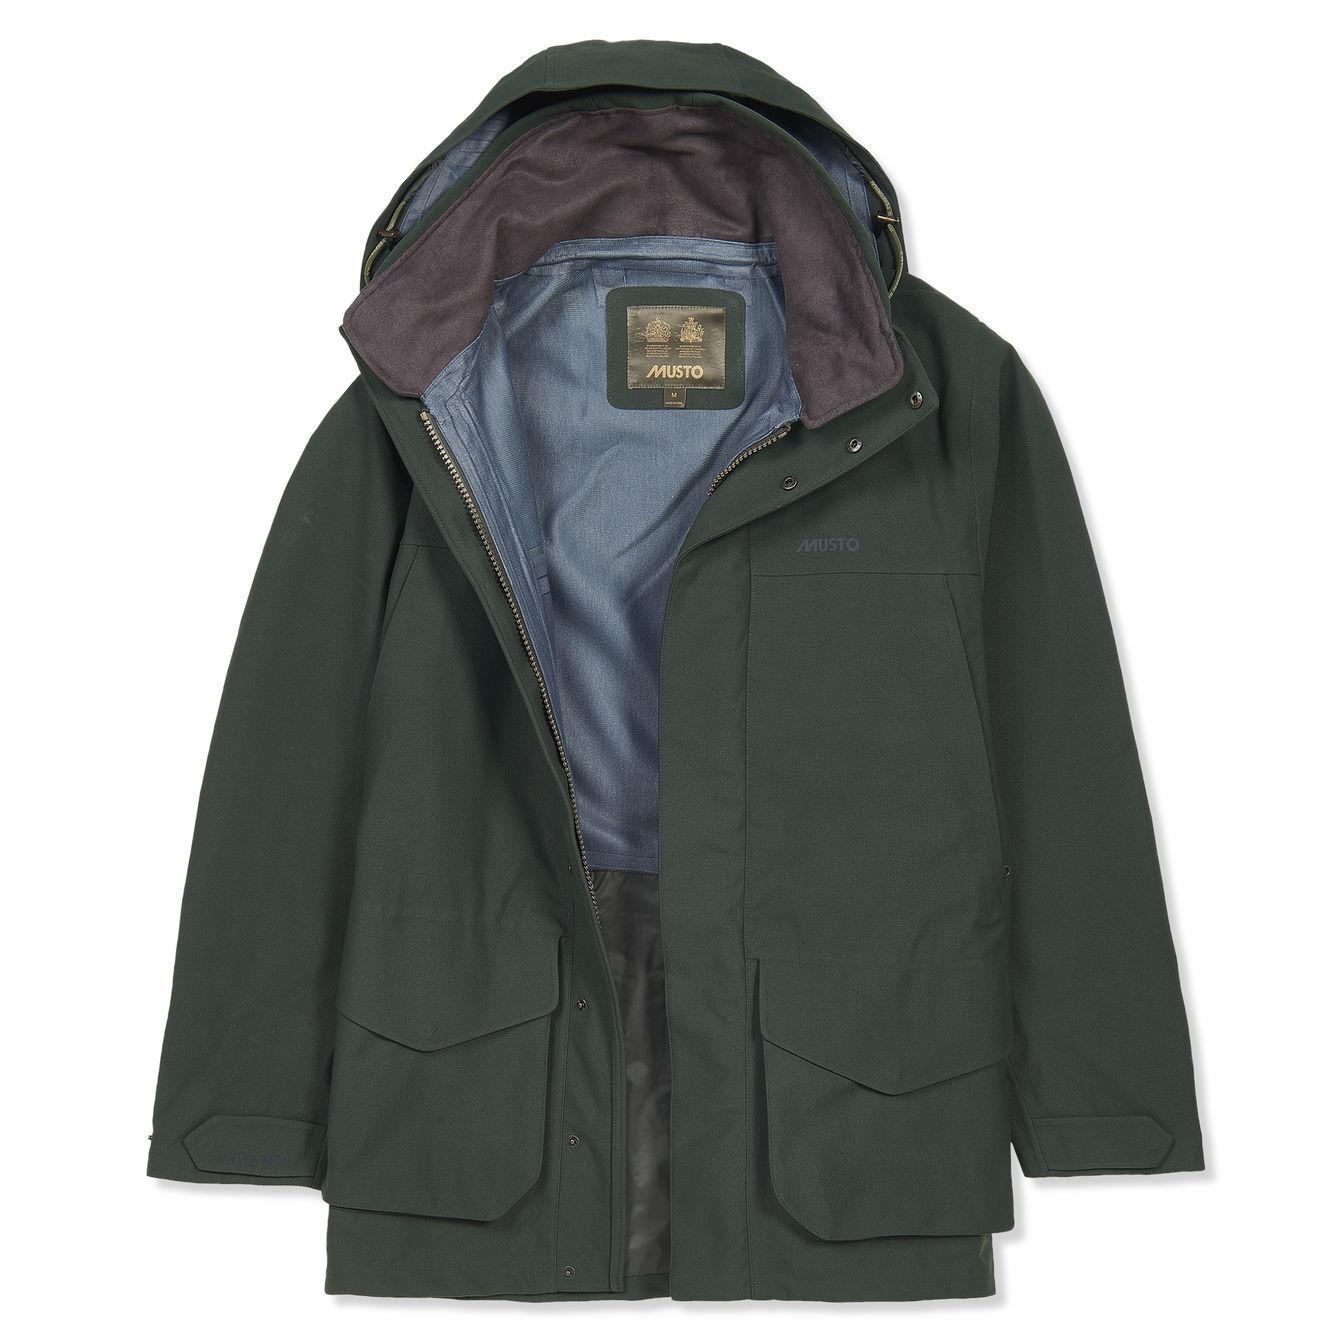 Musto para hombre Highland Gore-Tex chaqueta en verde oscuro-Tamaños L, XL y XXL